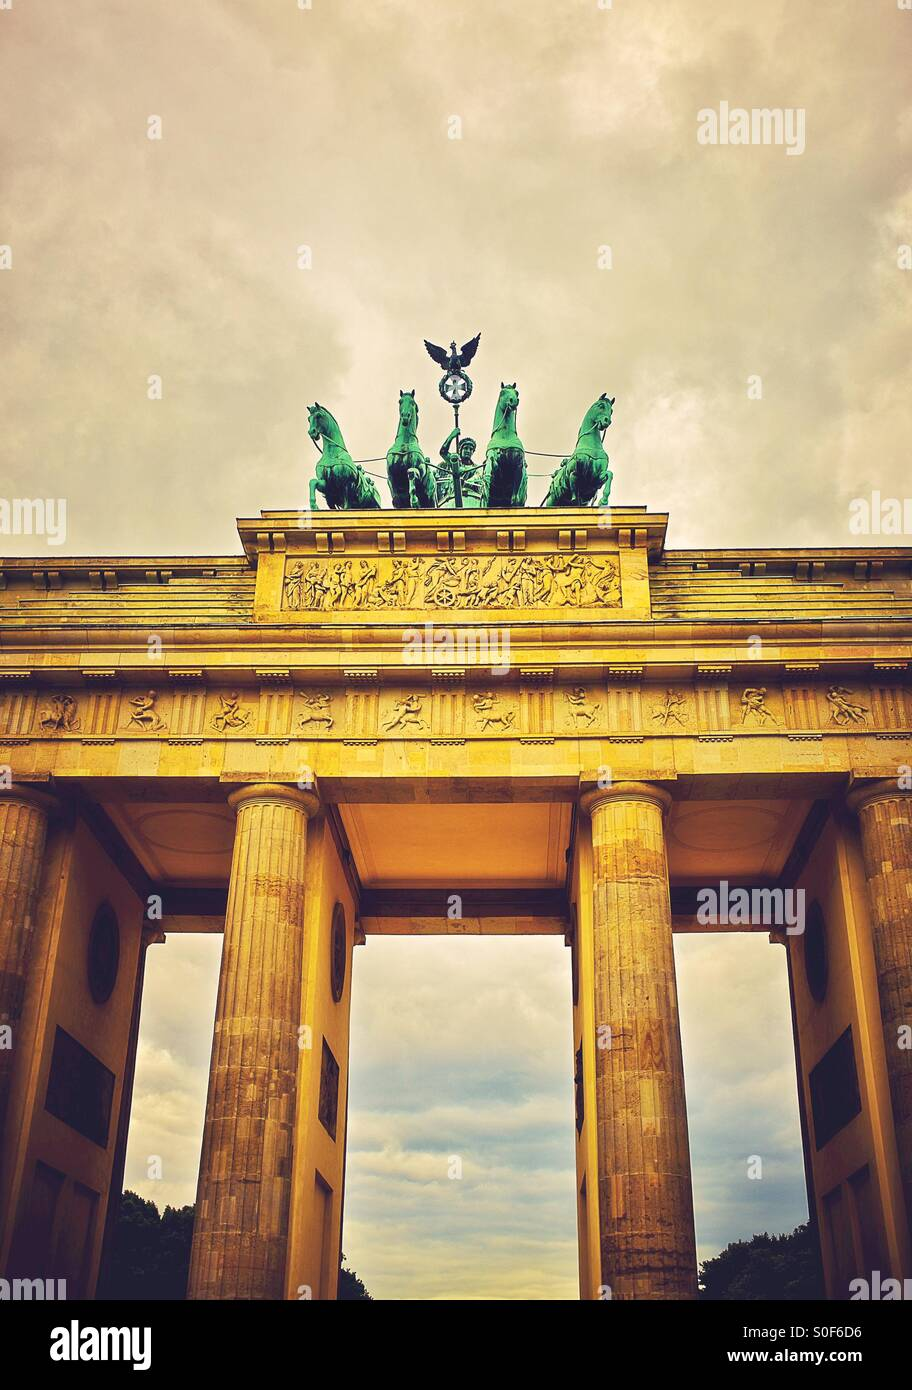 La Quadriga nella parte superiore della porta di Brandeburgo a Berlino Germania Europa Immagini Stock